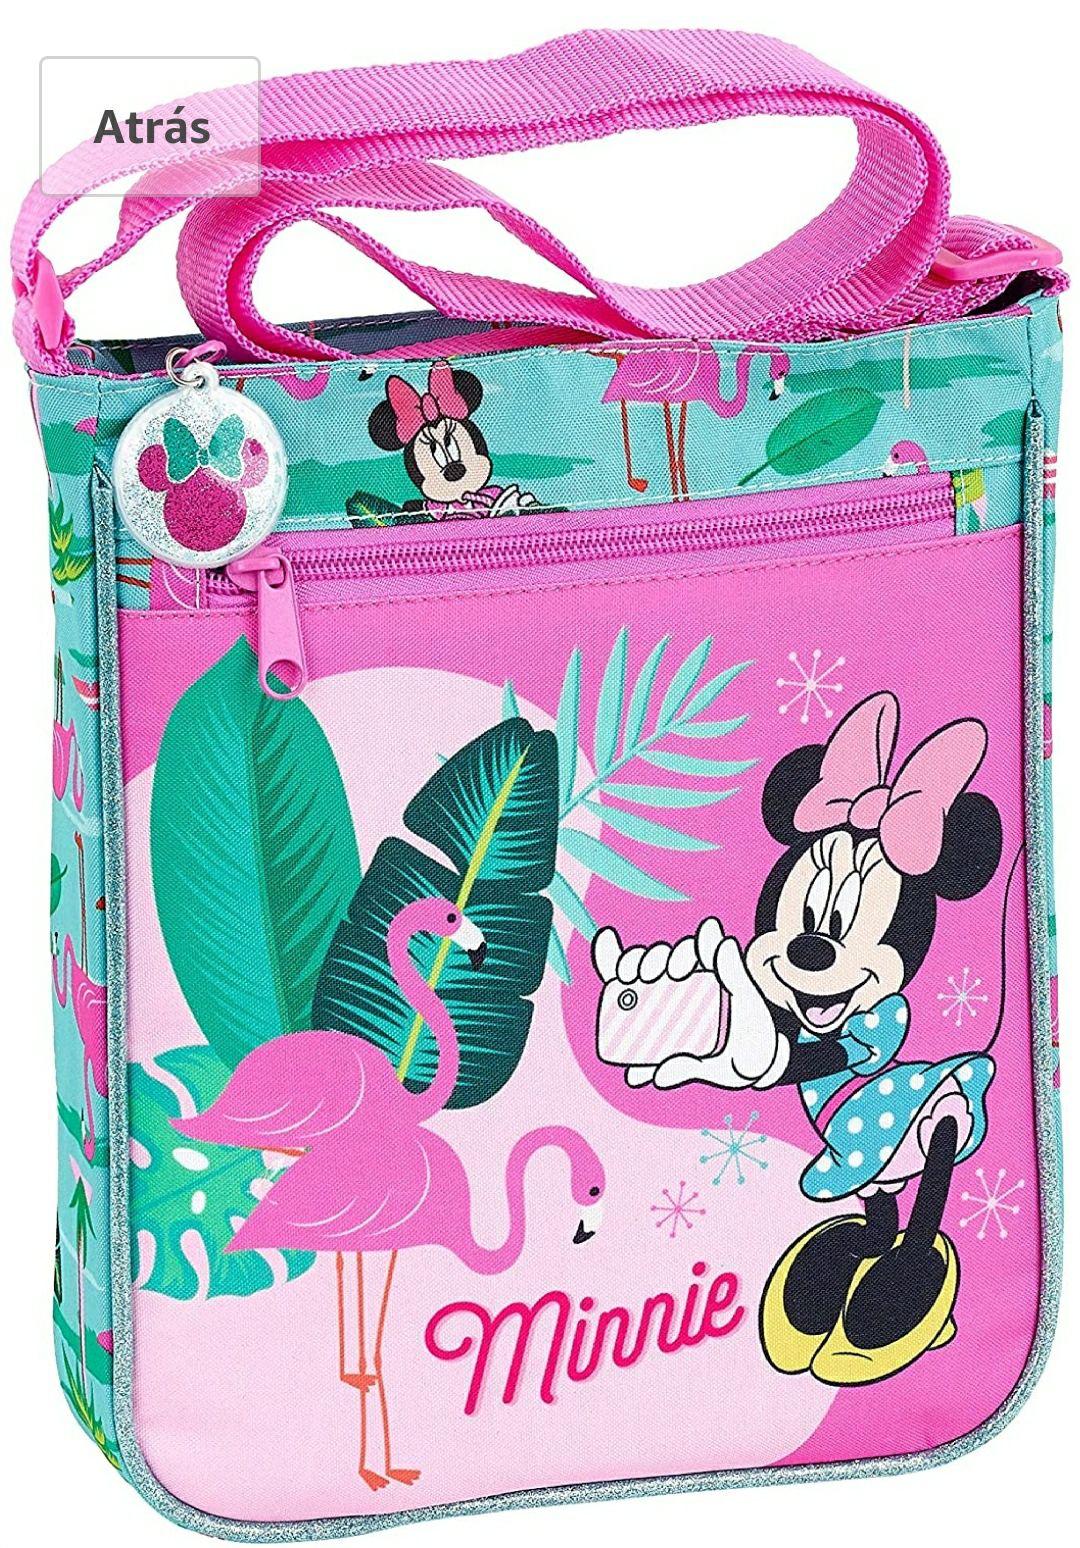 """Safta Bandolera Minnie Mouse """"Palms"""" Oficial Con Bolsillo Exterior 210x45x250mm"""